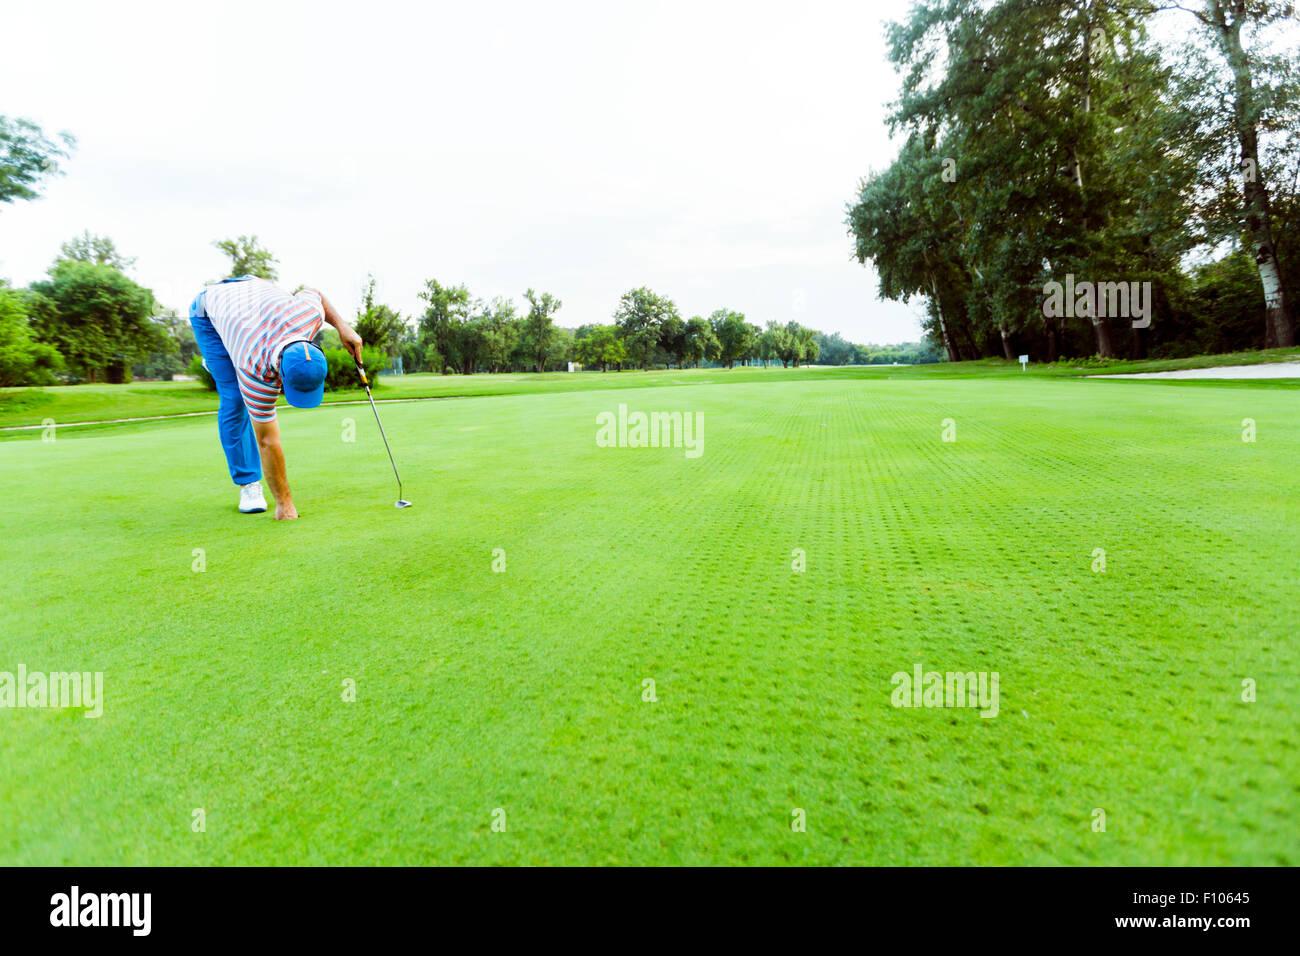 Il Golfer recuperando la sfera dal foro su un bel corso Immagini Stock